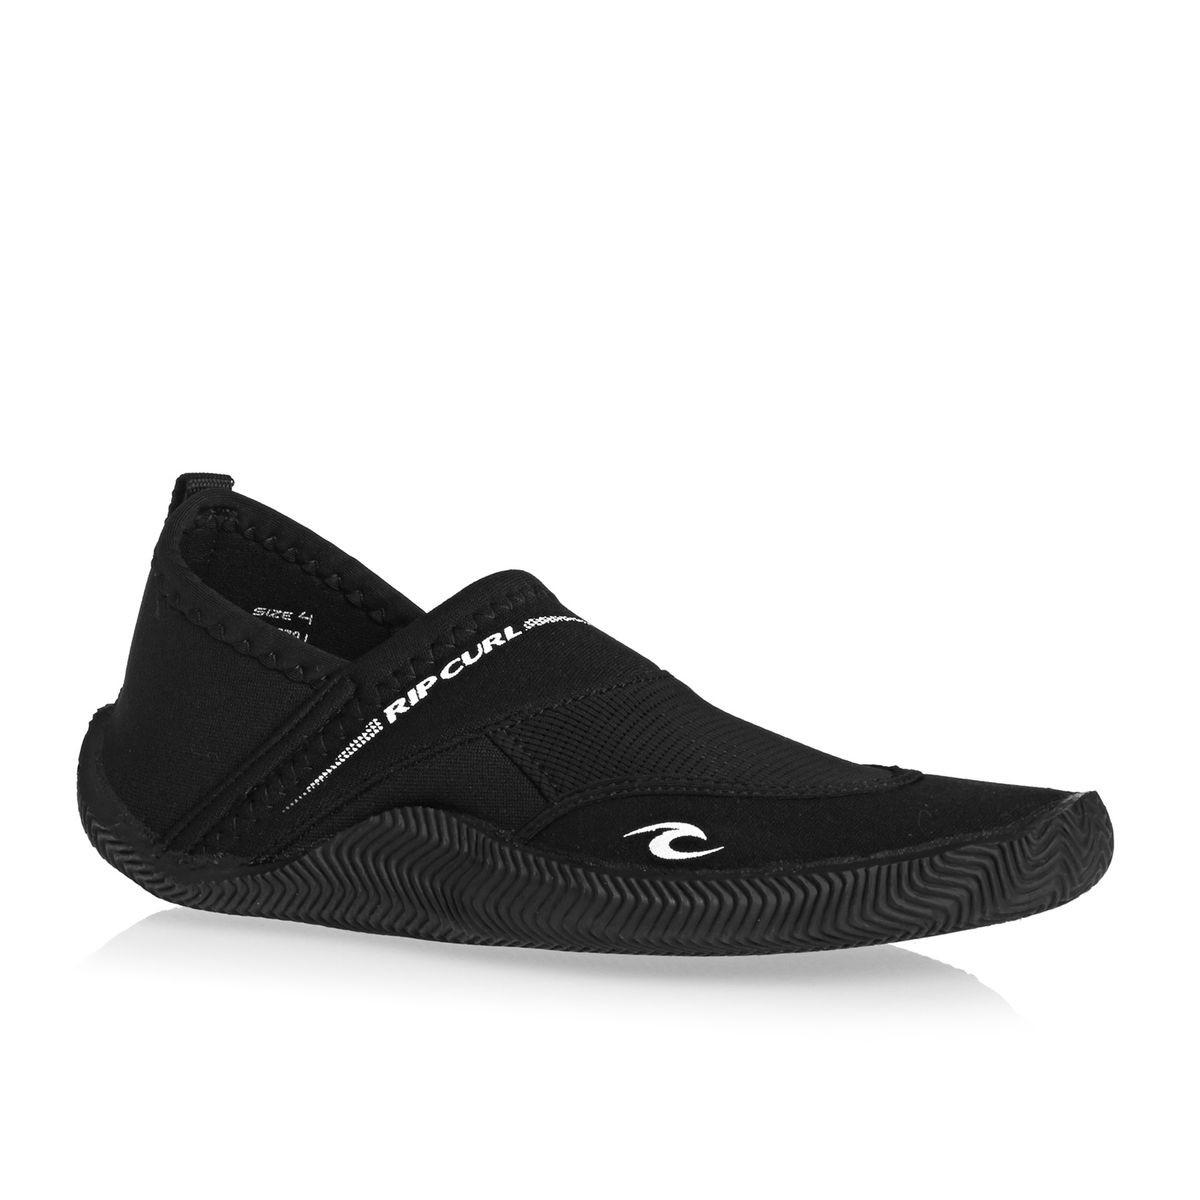 Rip Curl Kids Reefwalker Booties - Black